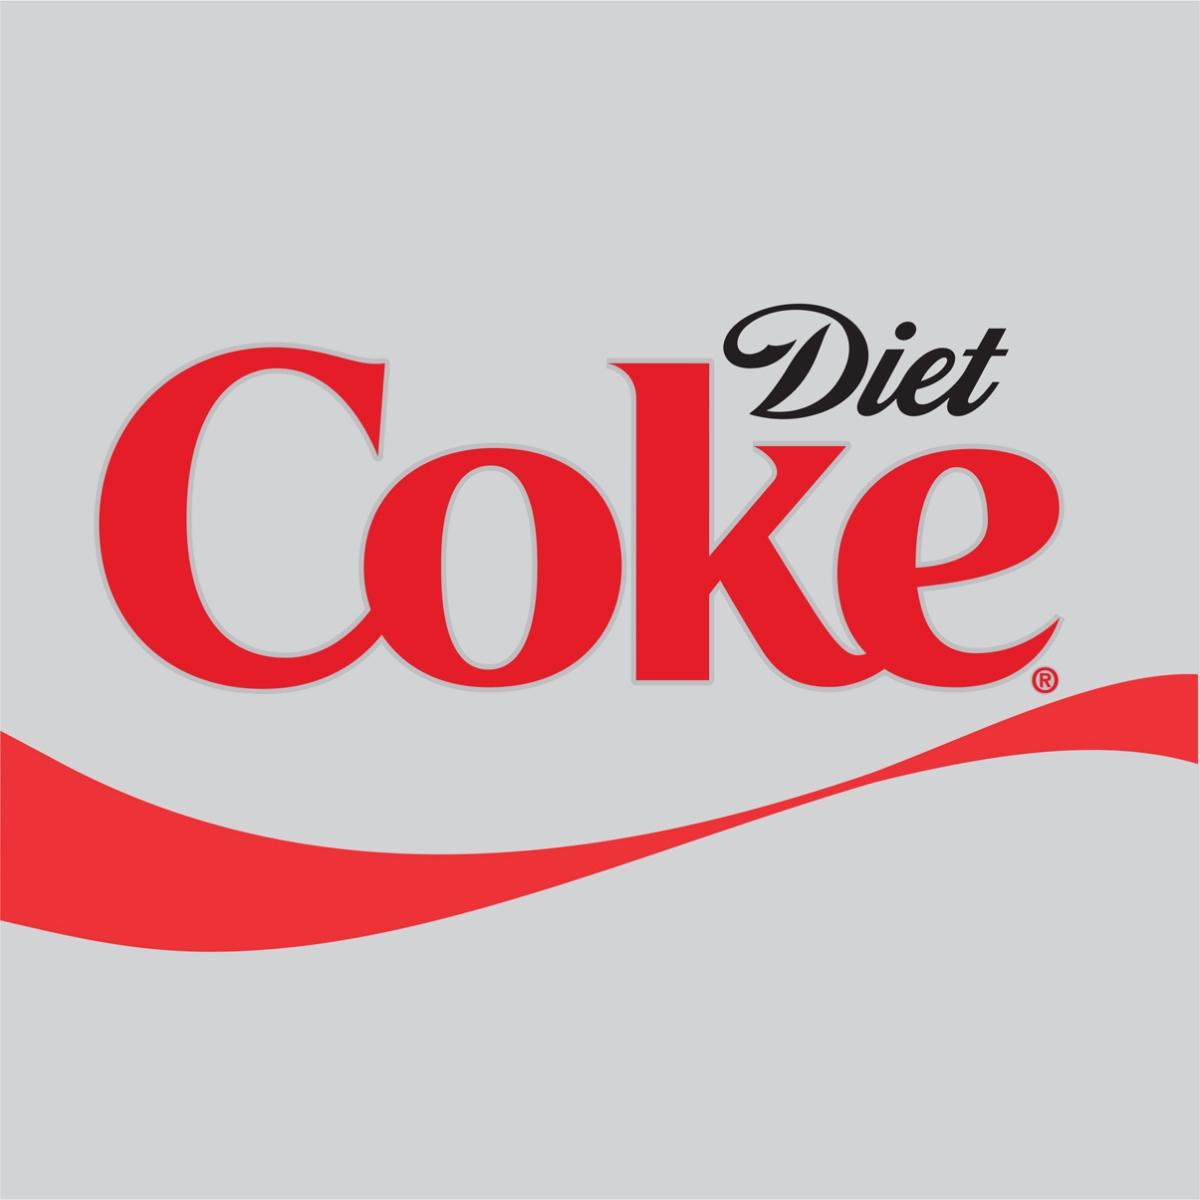 Diet Coke Is aNo-Go